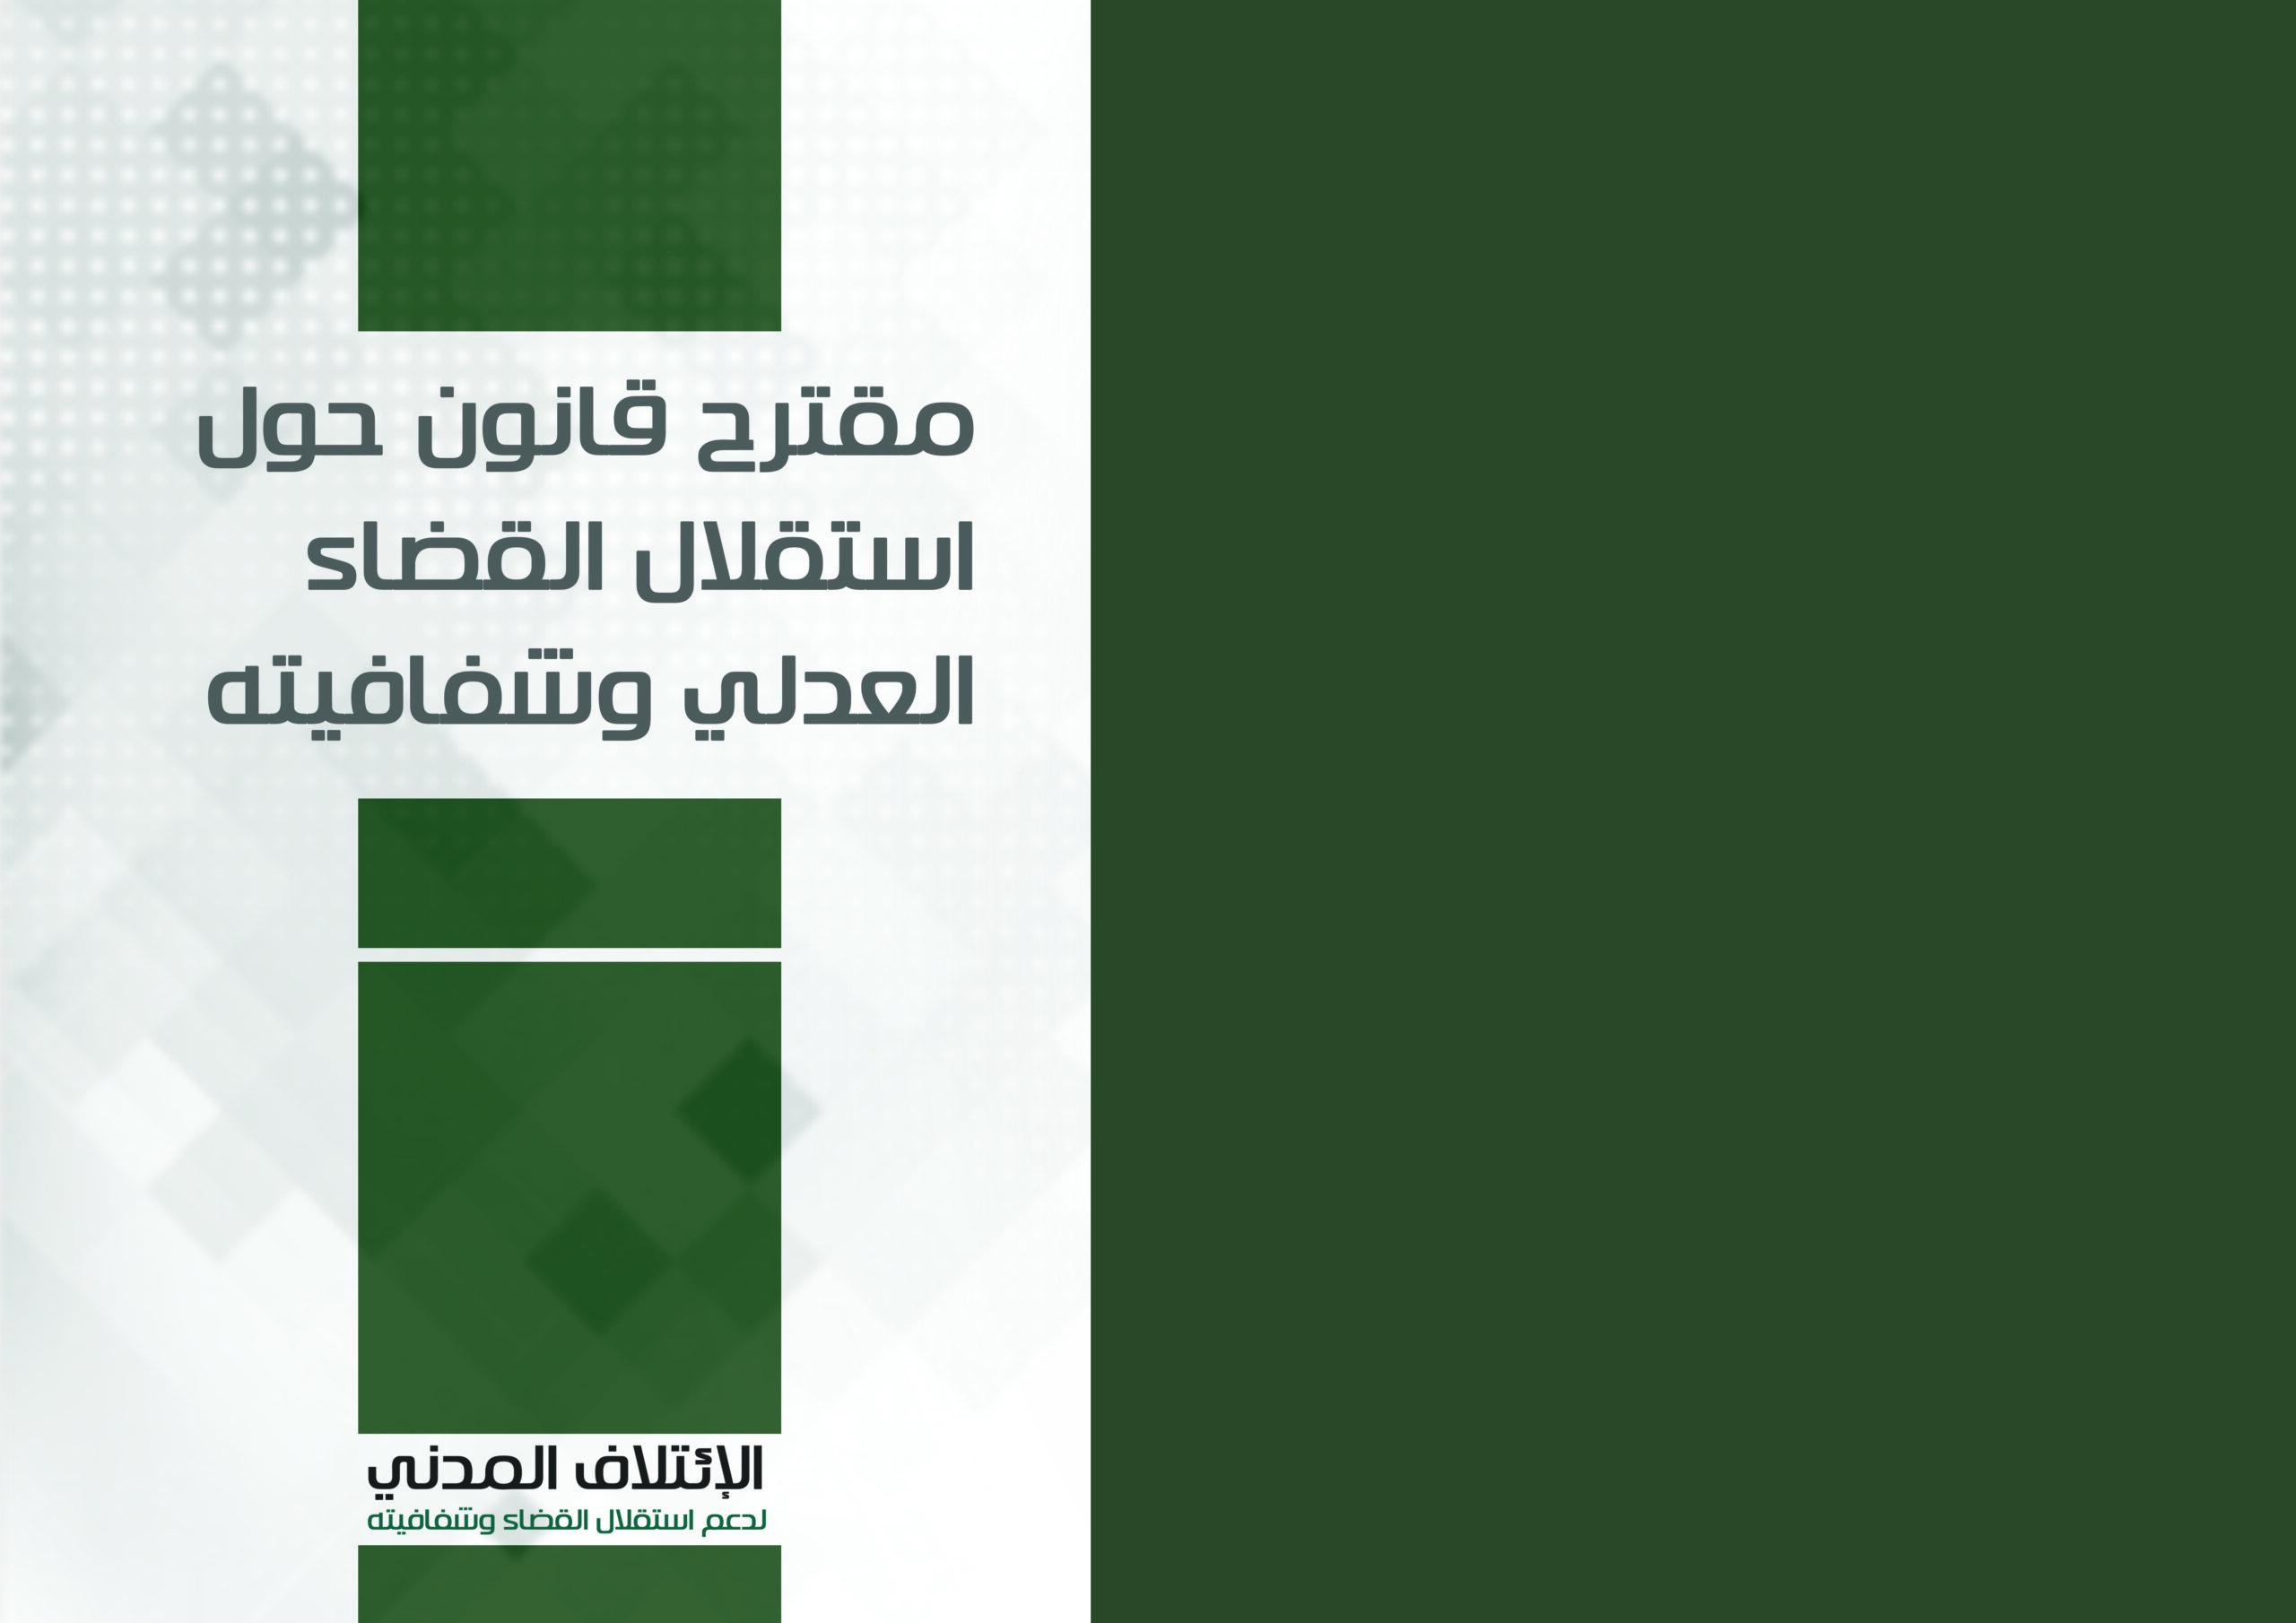 المفكرة تنشر اقتراح قانون الإئتلاف المدني حول استقلال القضاء وشفافيته